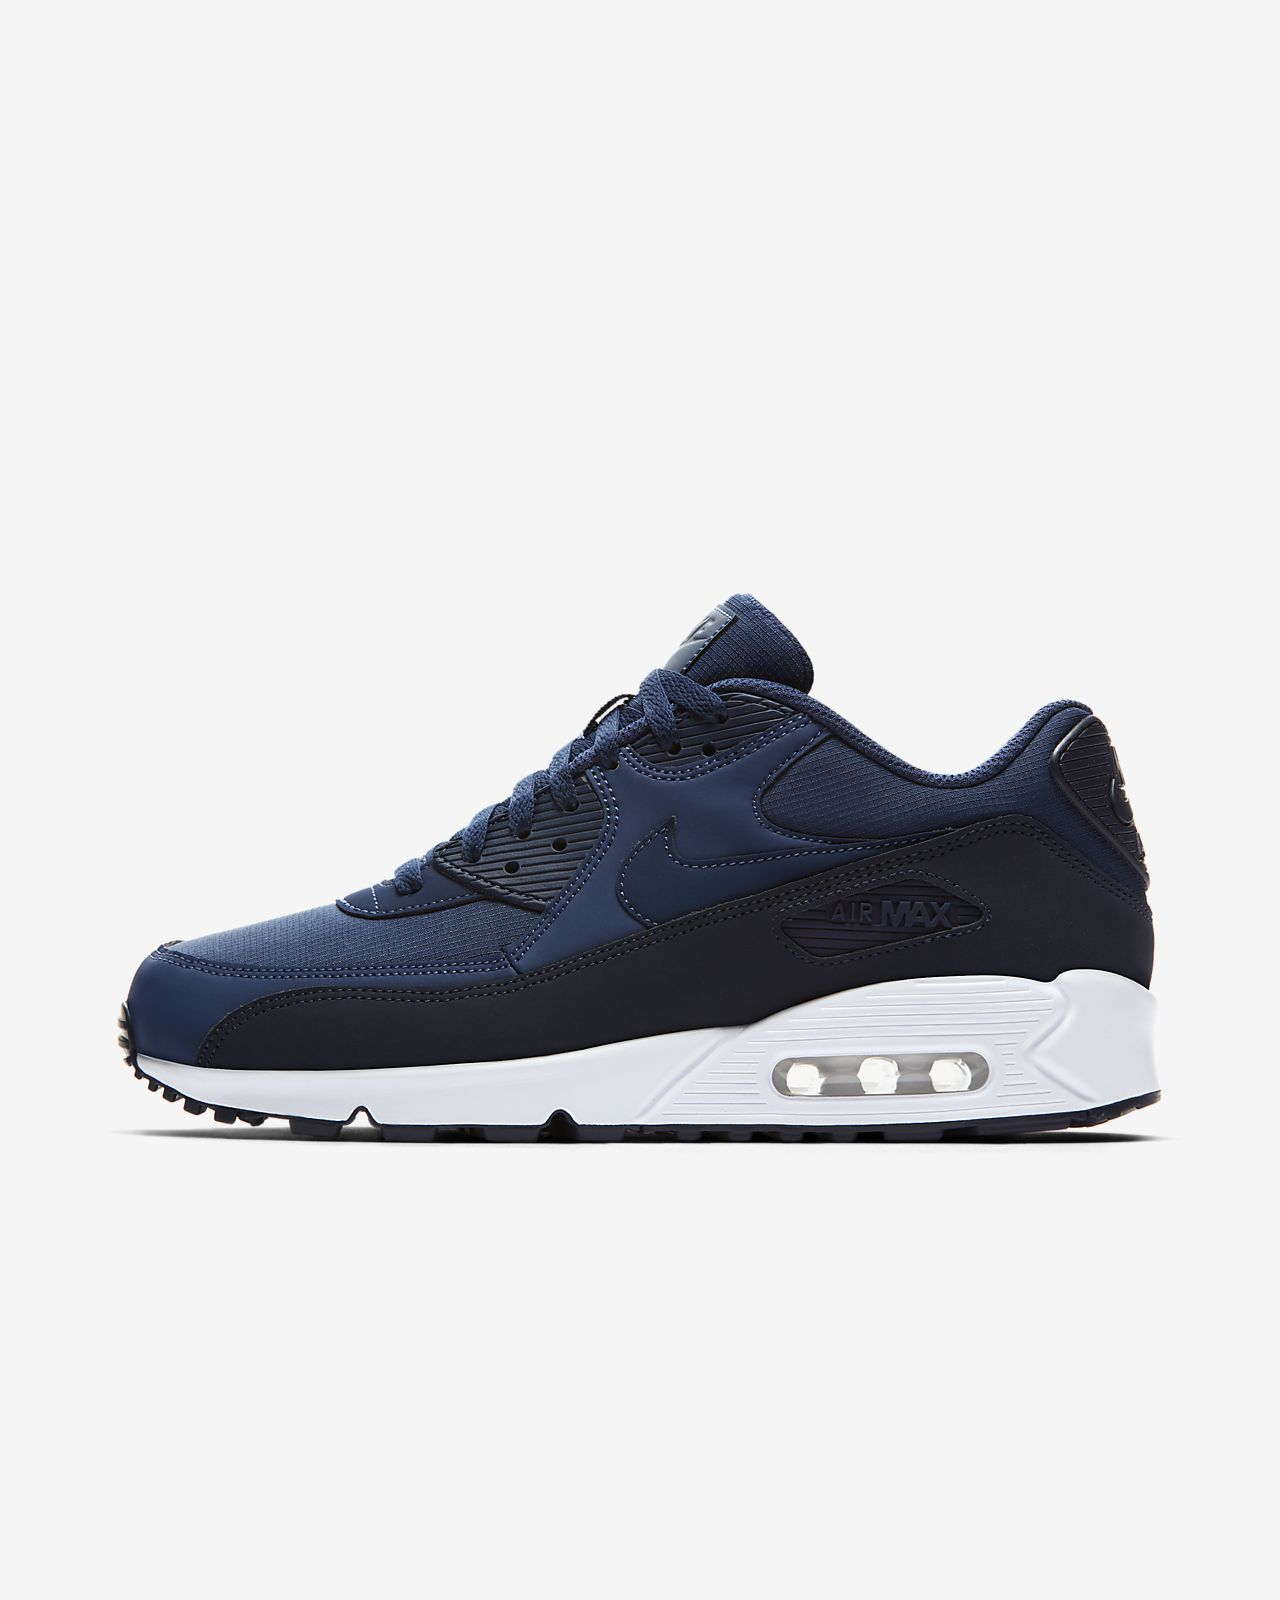 Nike Air Max 90 Essential Sneaker scarpe uomo blu da Ginnastica 537384427 NUOVO